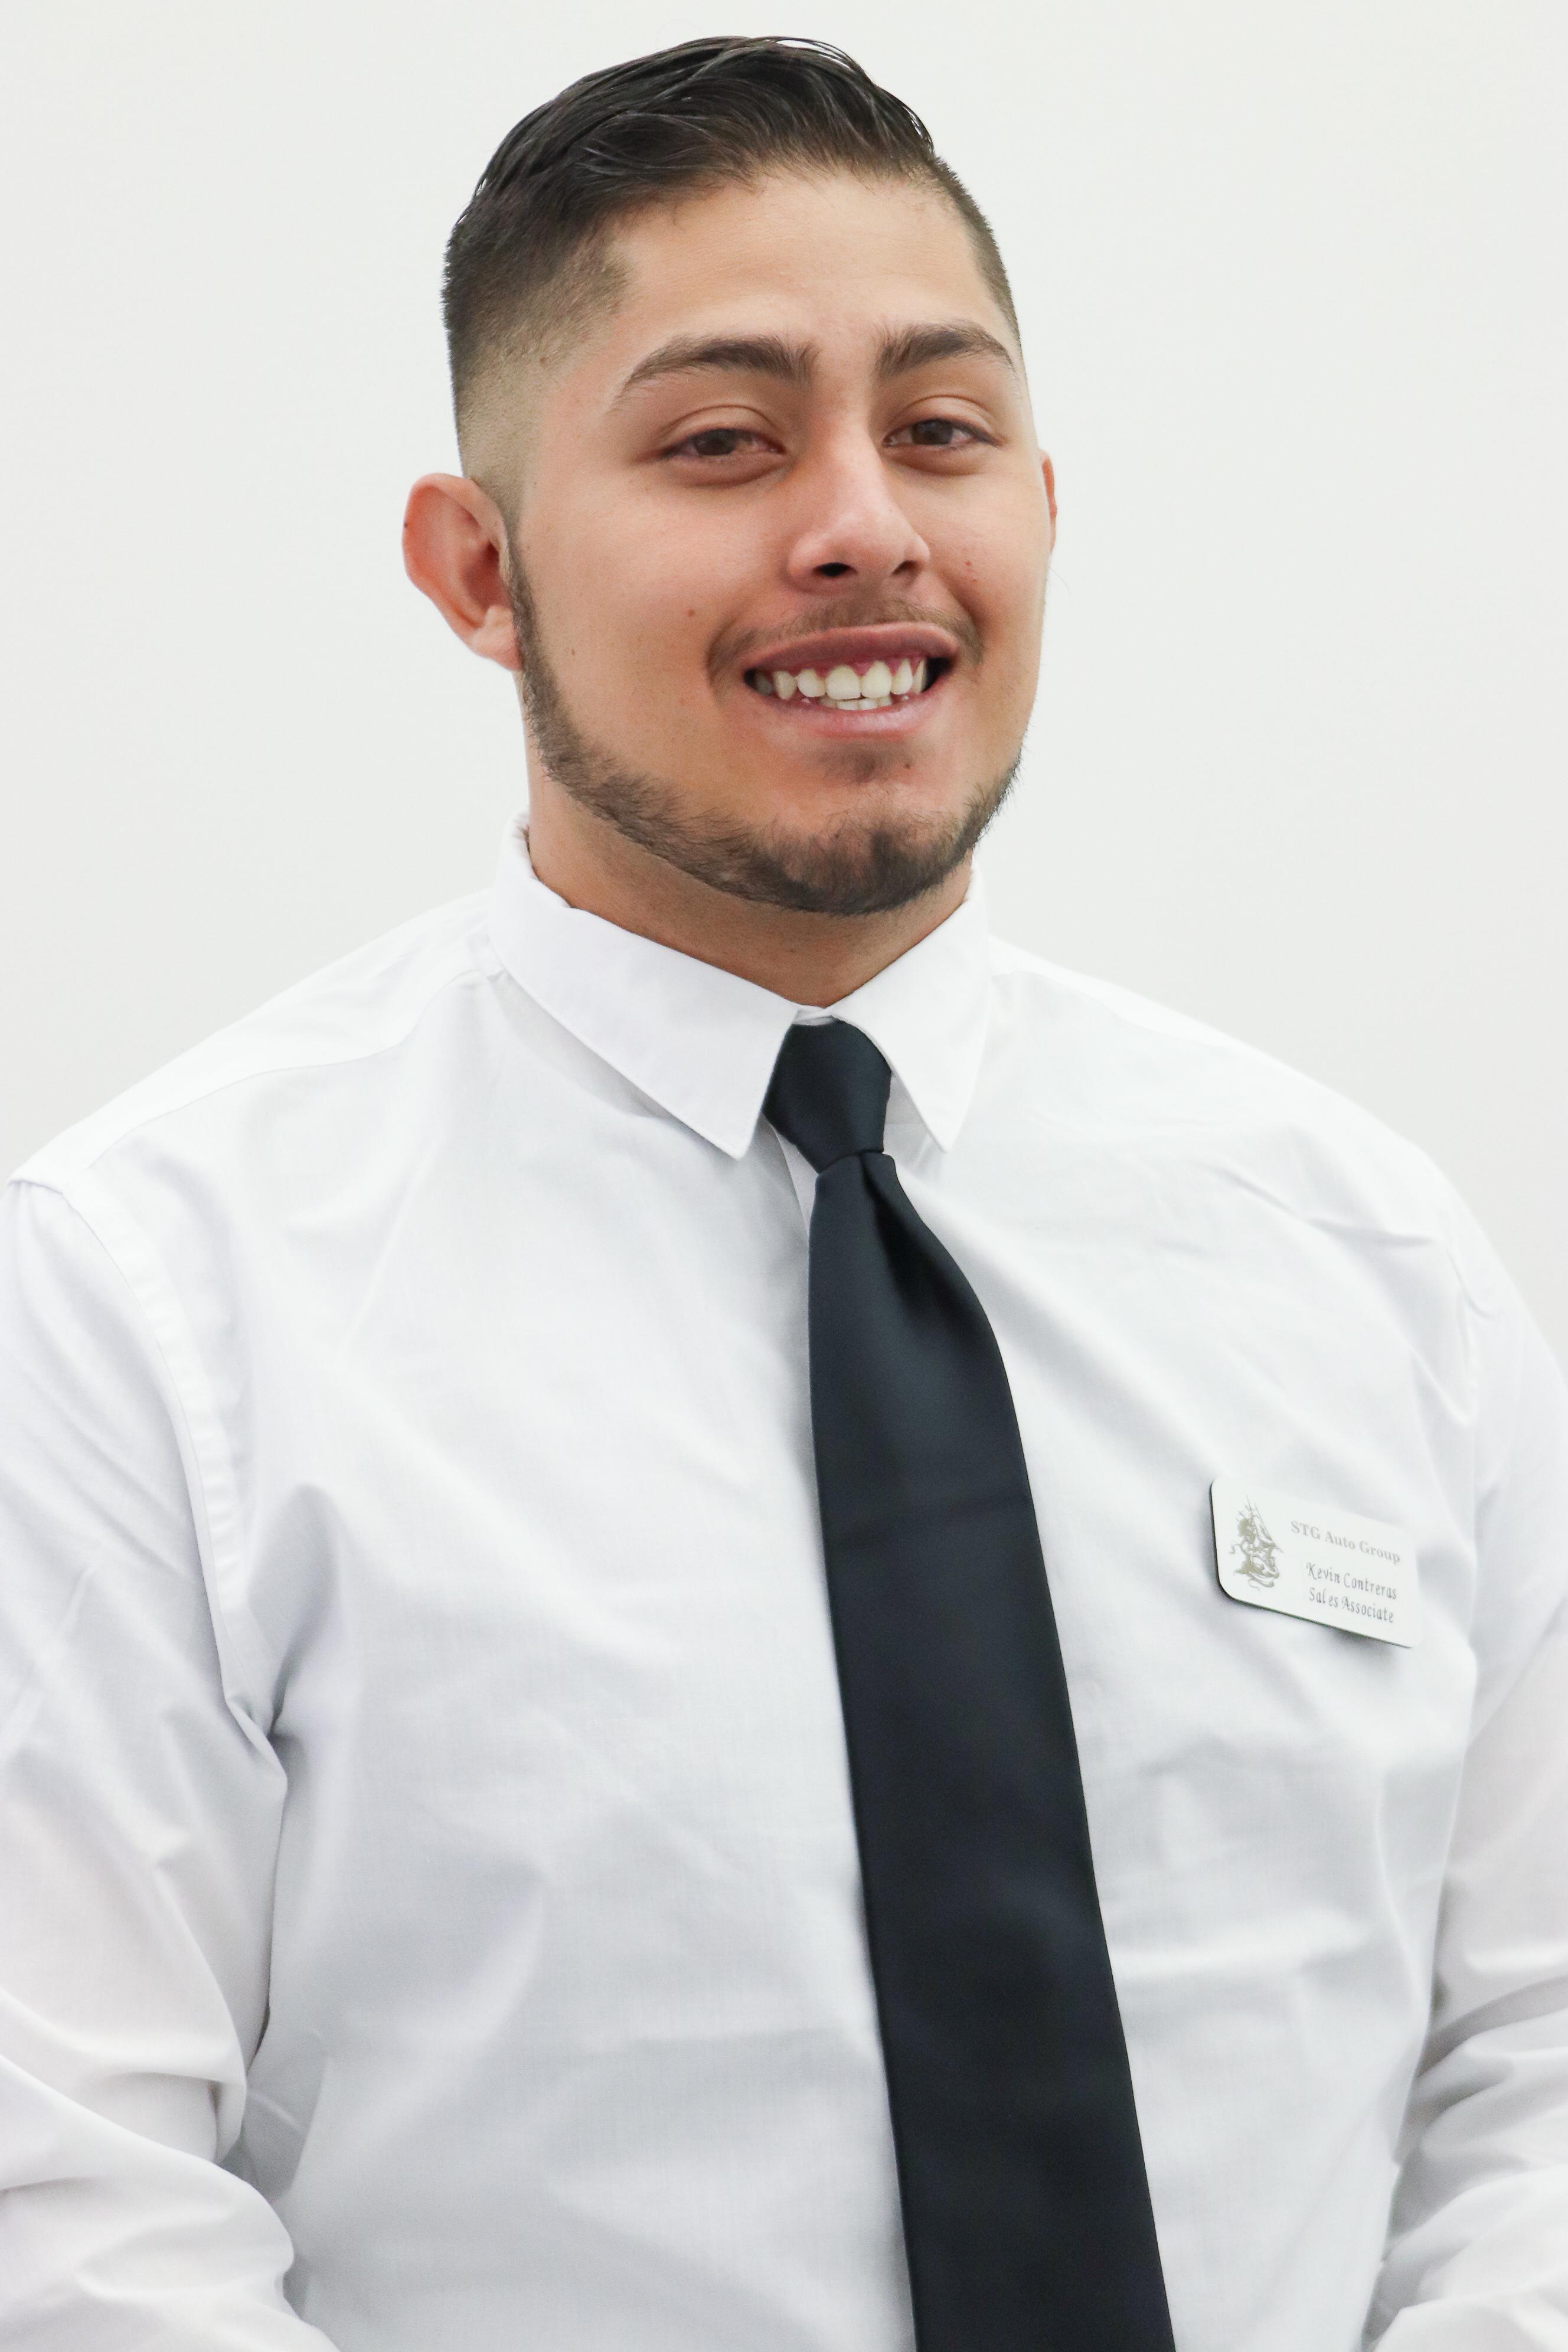 Kevin Contreras Bio Image